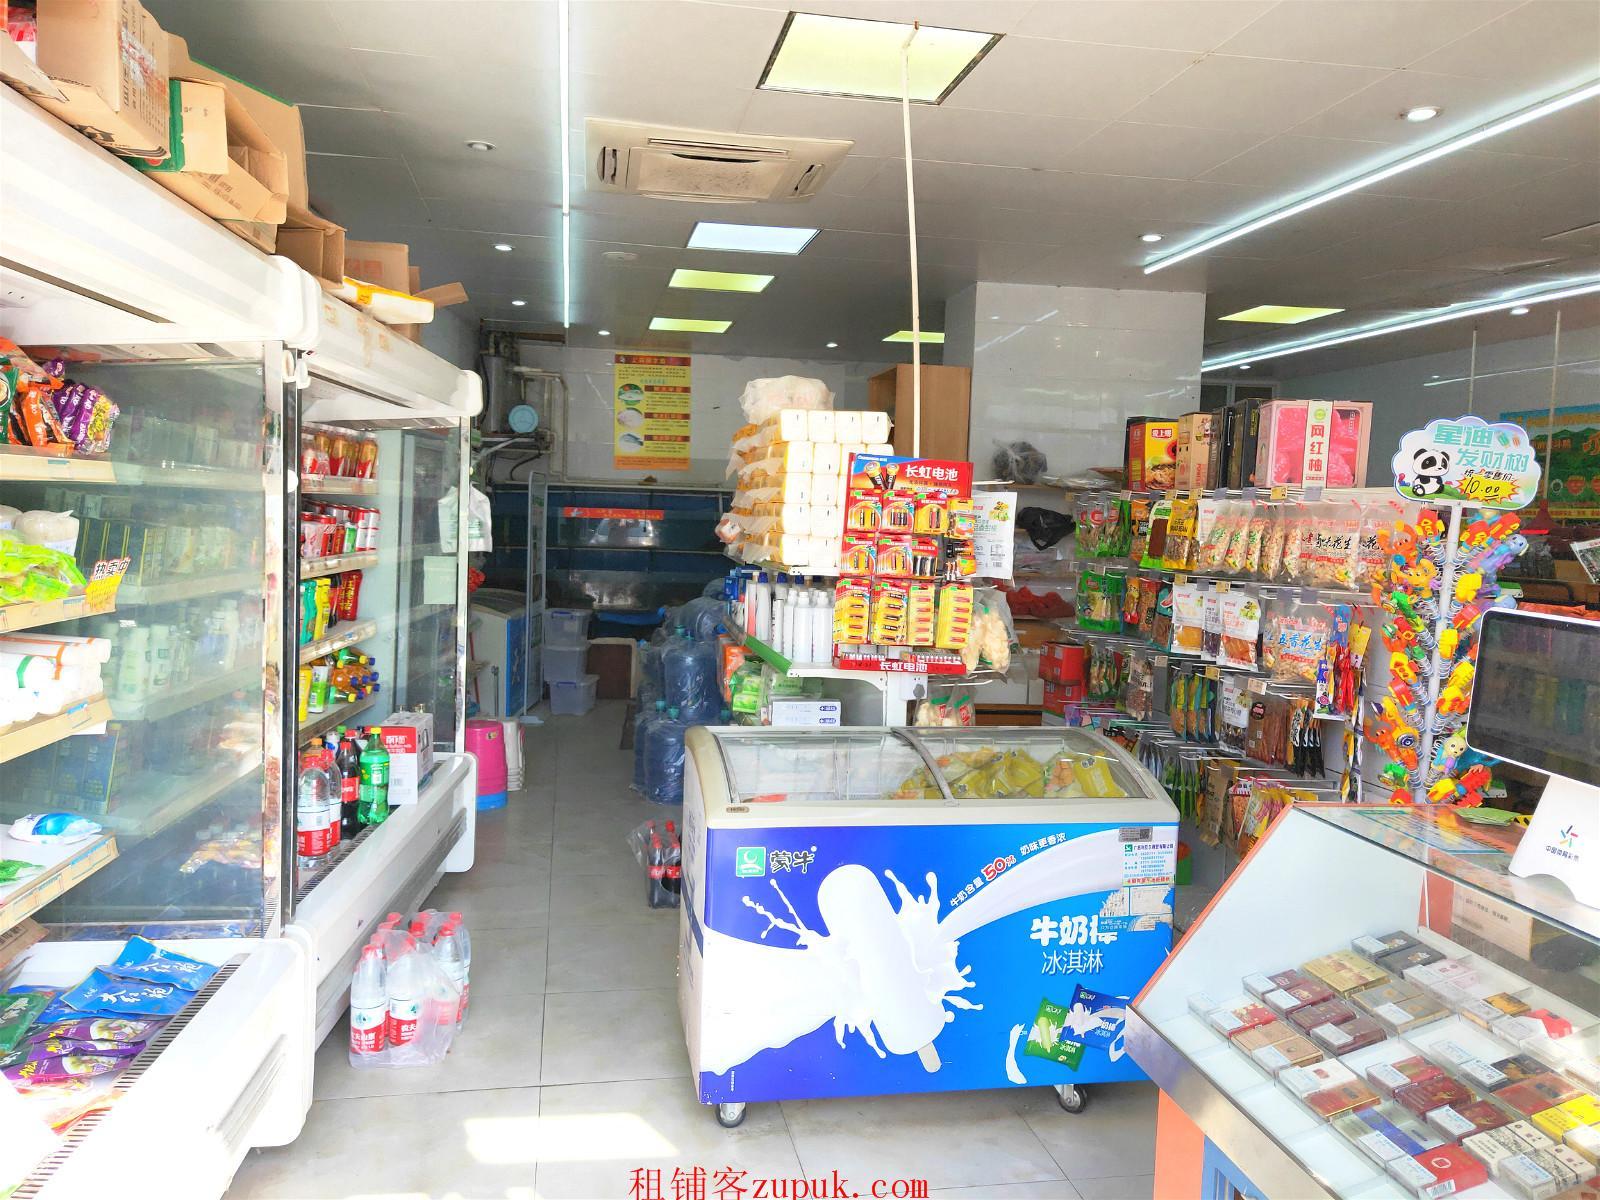 青秀区翠竹路小区门口110平米生鲜便利店转让